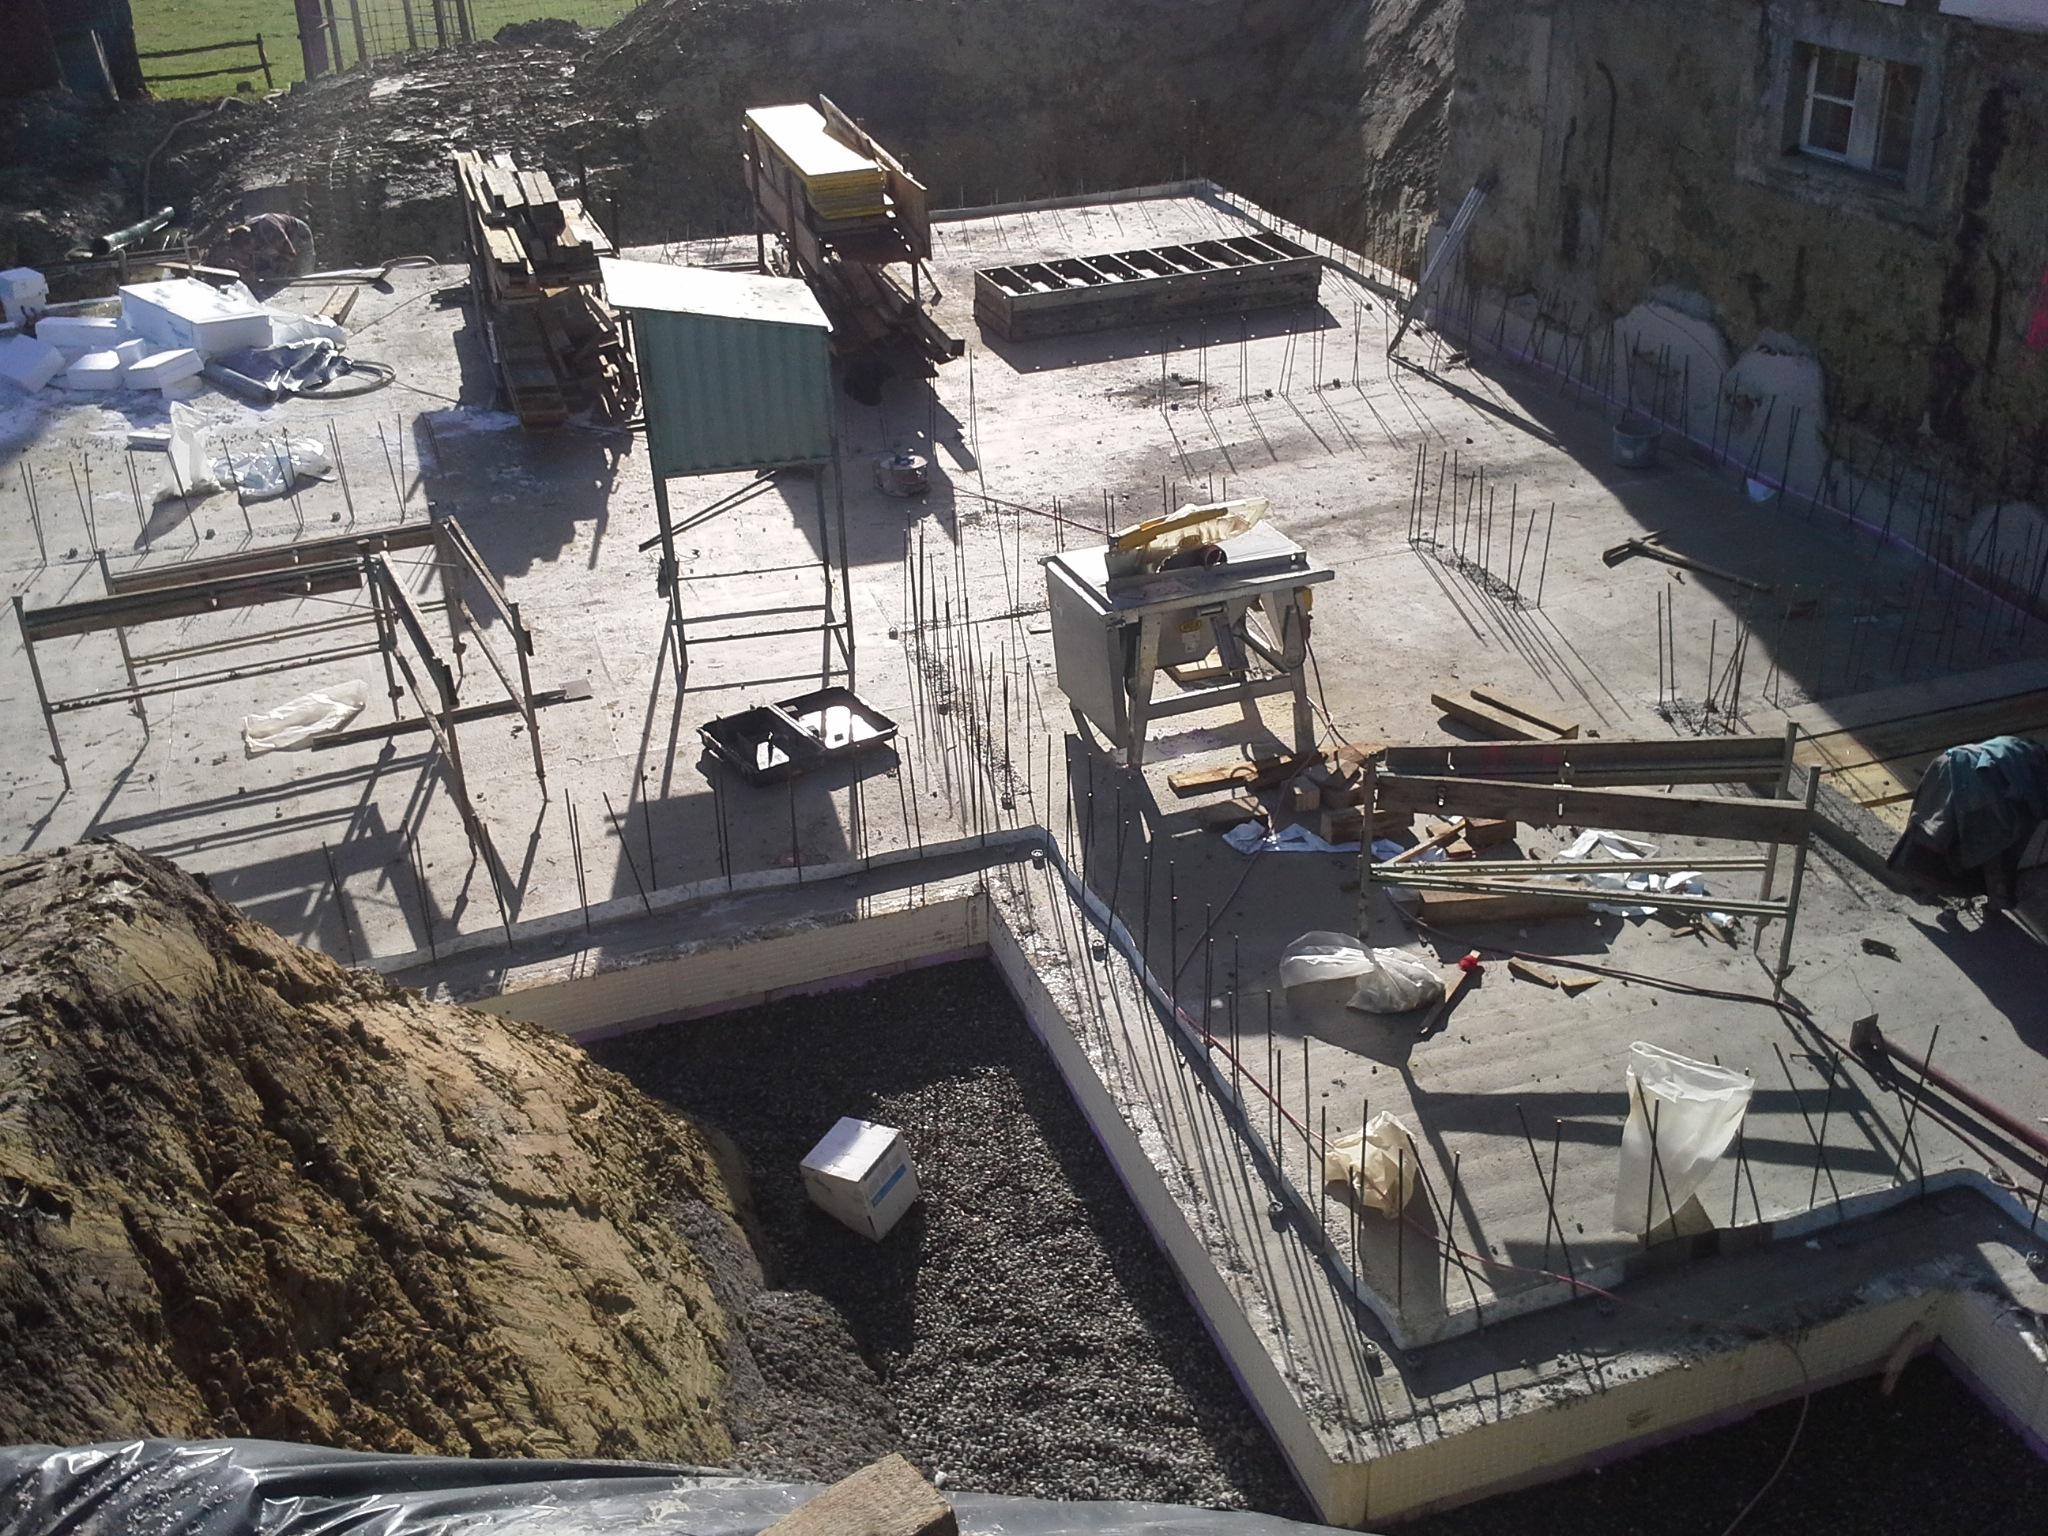 Bauphase, Bodenplatte, Anbau an Beherbergungsbetrieb in Scheidegg